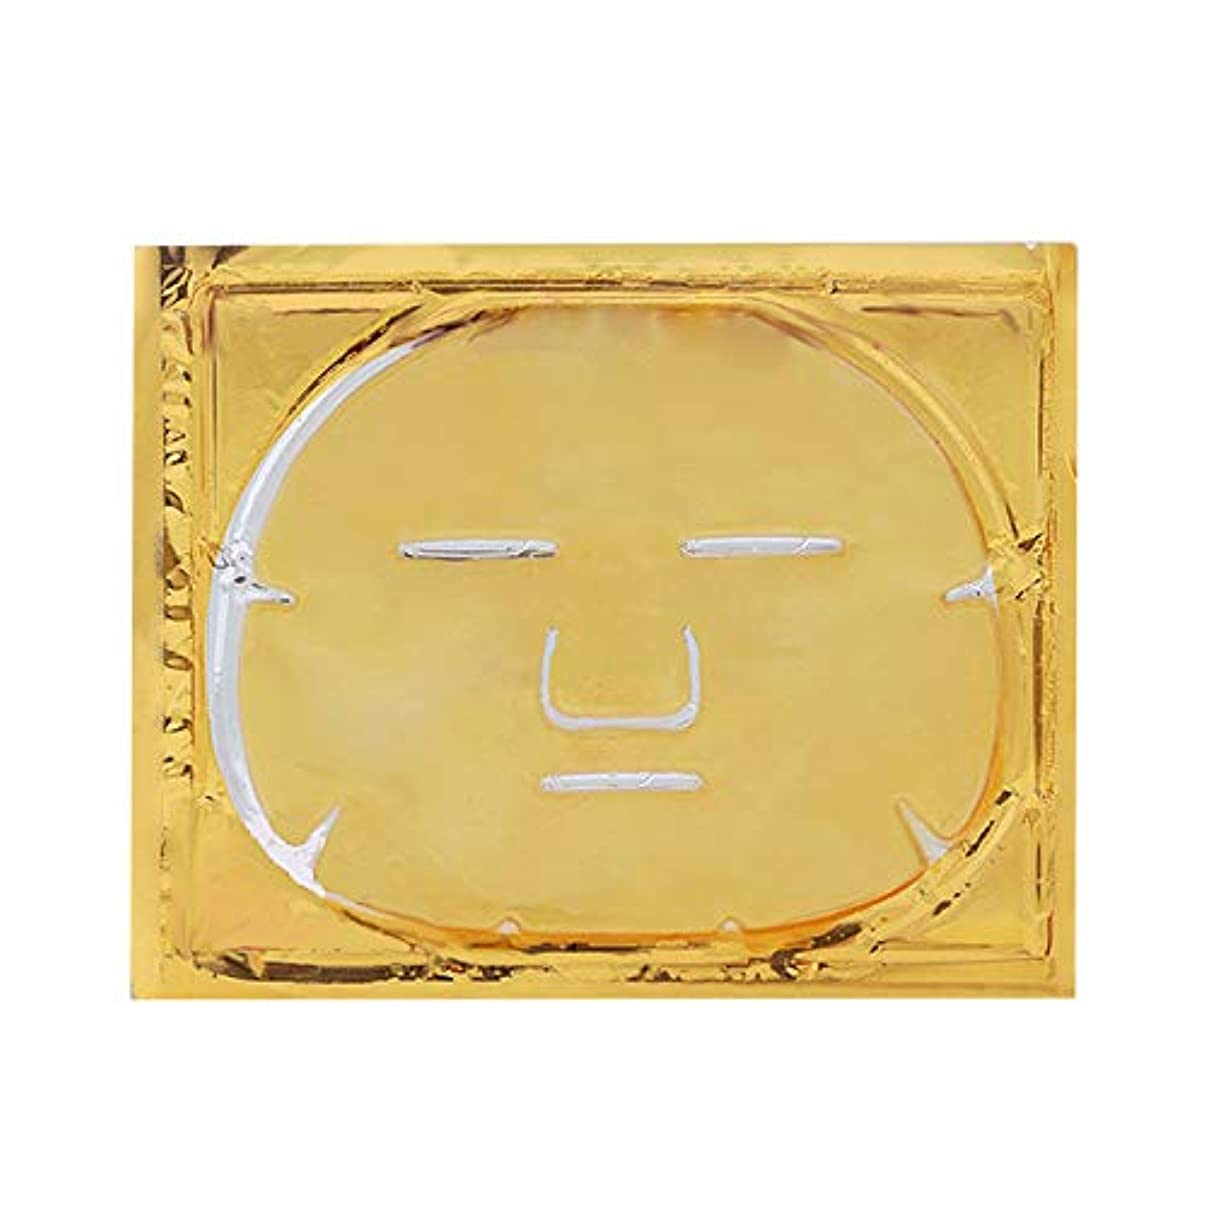 剪断スリット荒涼としたSODIAL ゴールド ゲル コラーゲン 水晶フェイシャル?マスク シート パッチ アンチエイジング、美白、むくみ、しわ、保湿、深部組織の若返りと水分補給用